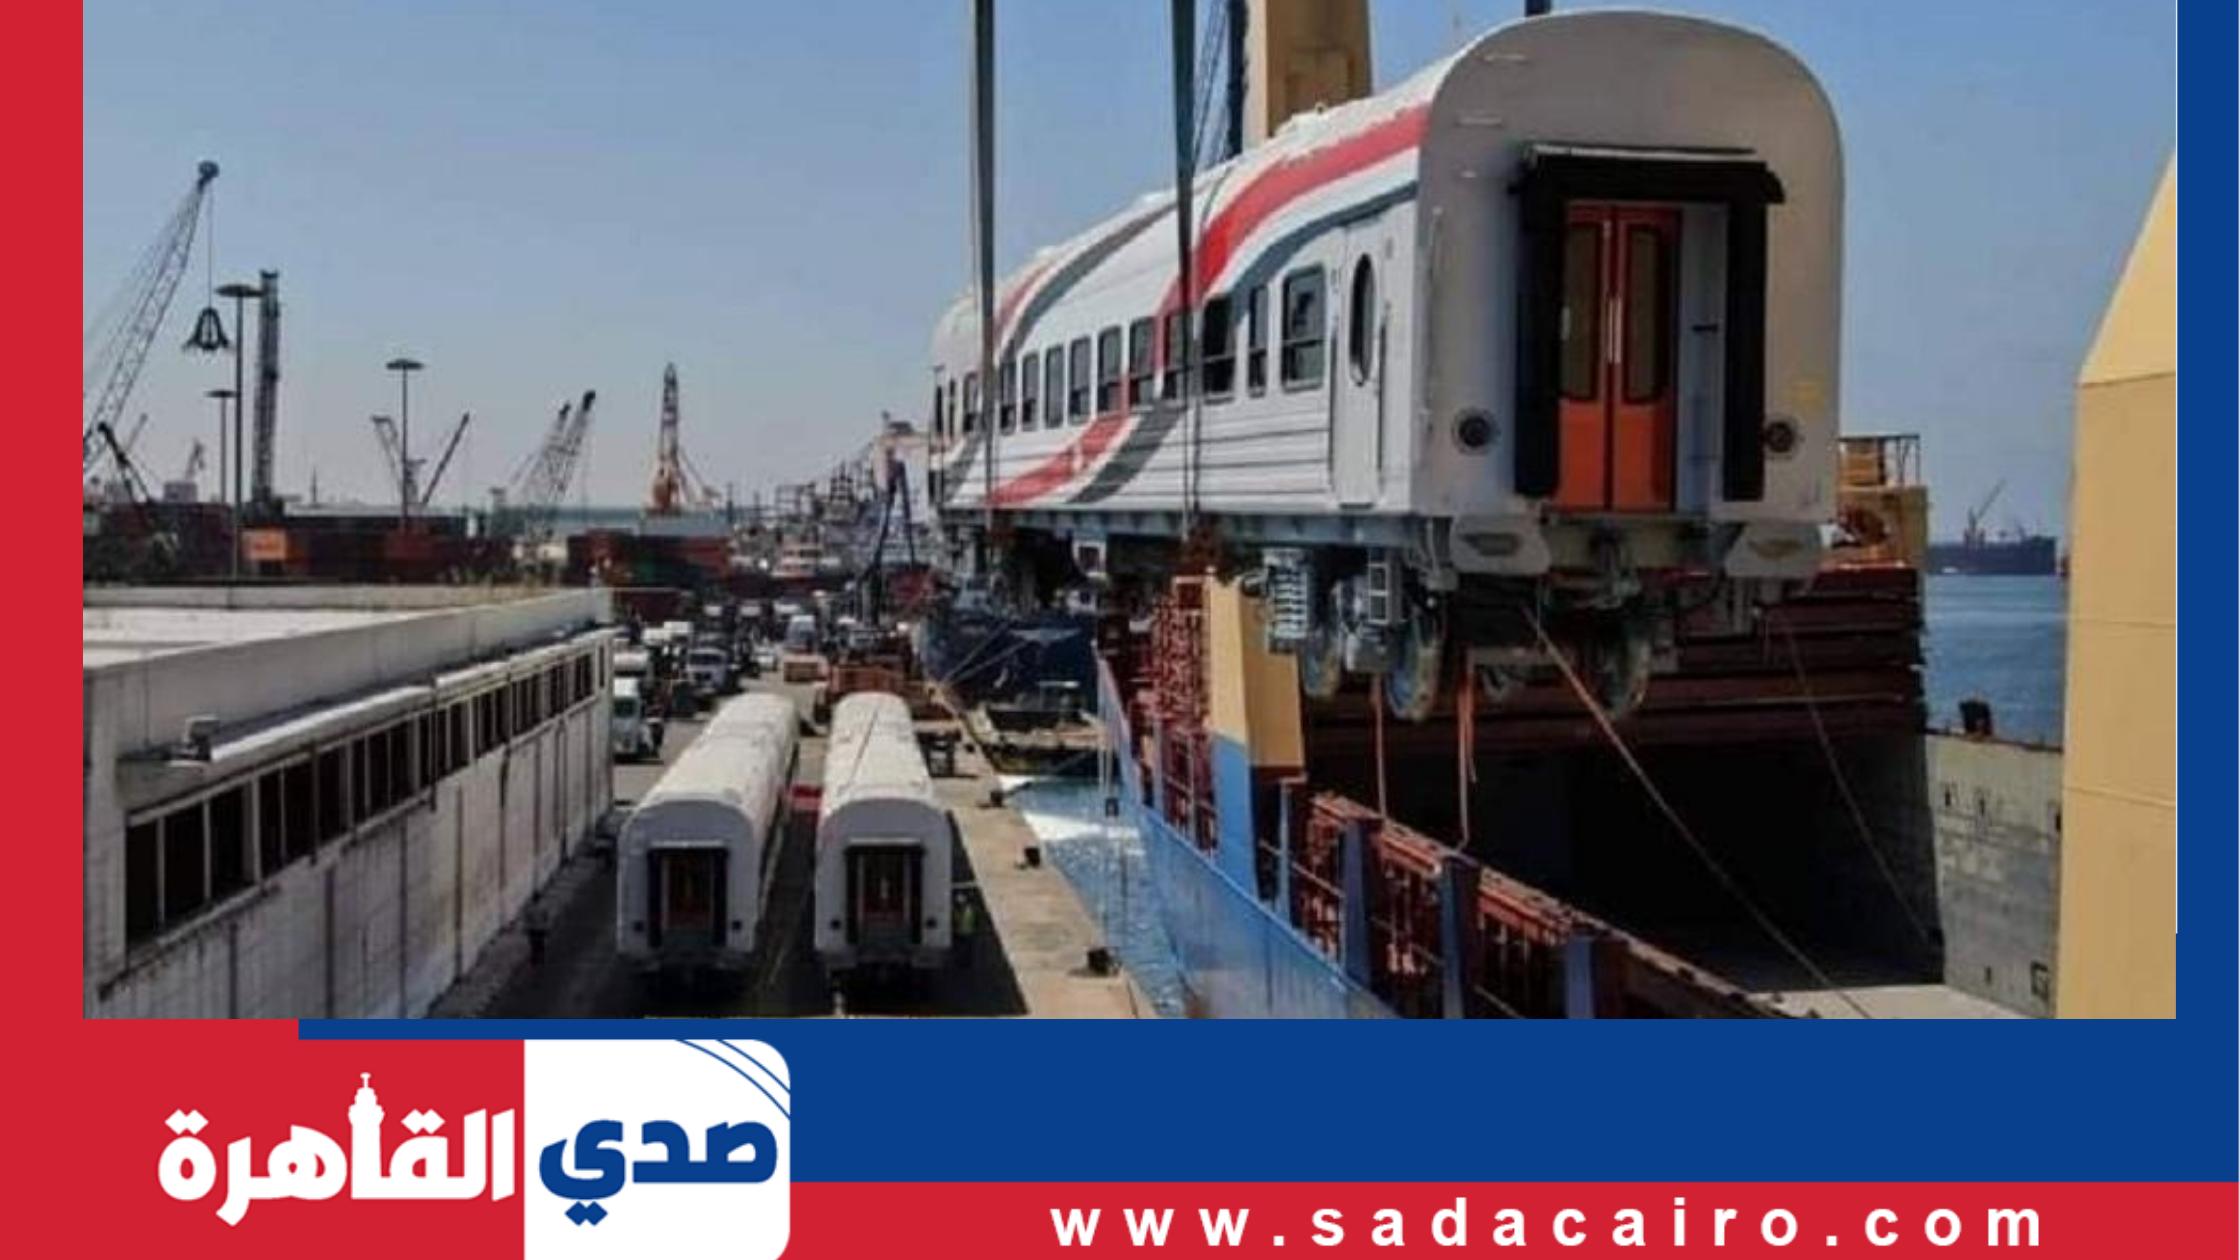 رئيس هيئة السكة الحديد يكشف خطة استيراد عربات القطارات